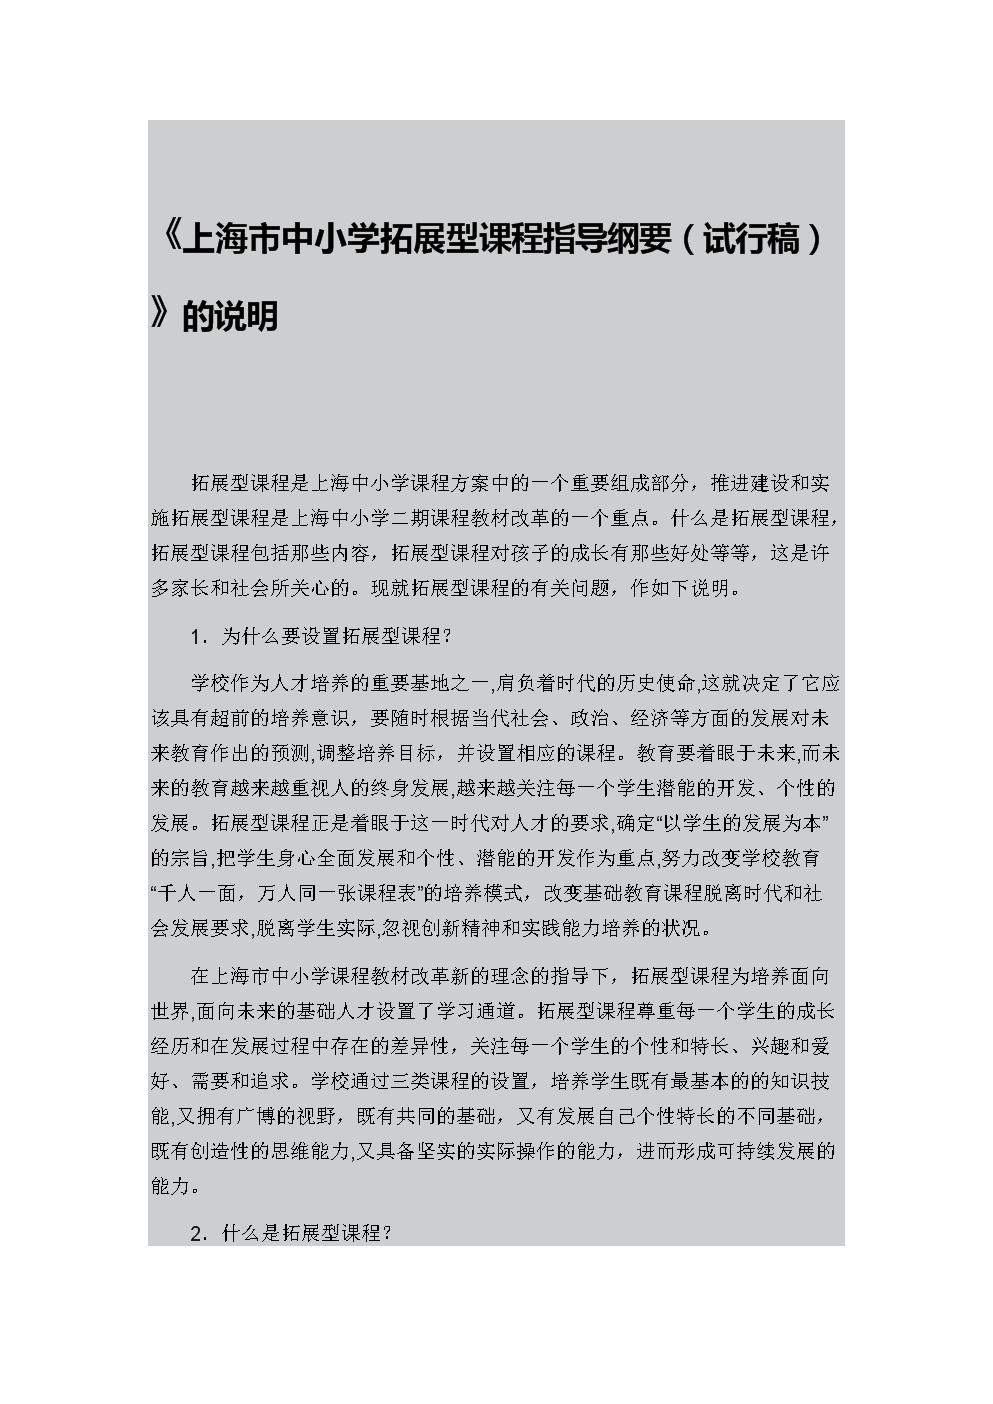 《上海中小学拓展型课程指导纲要(试行稿)》说明.docx